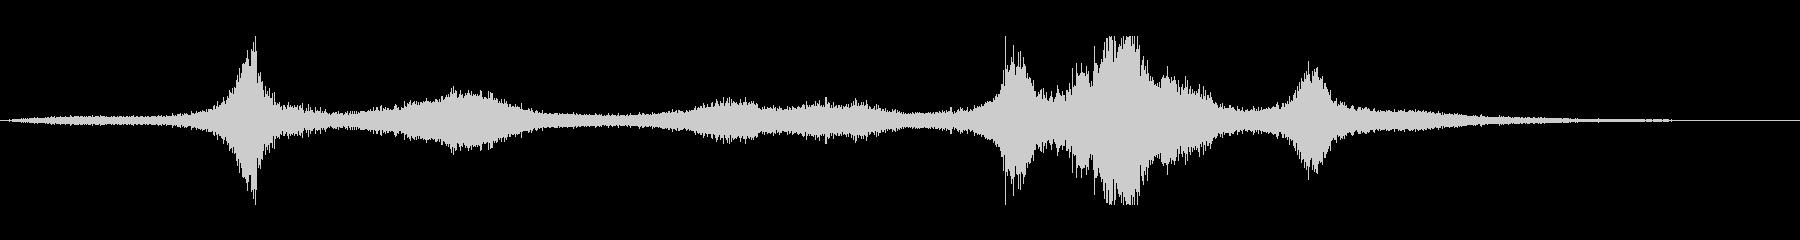 【生録音】 早朝の街 交通 環境音 12の未再生の波形